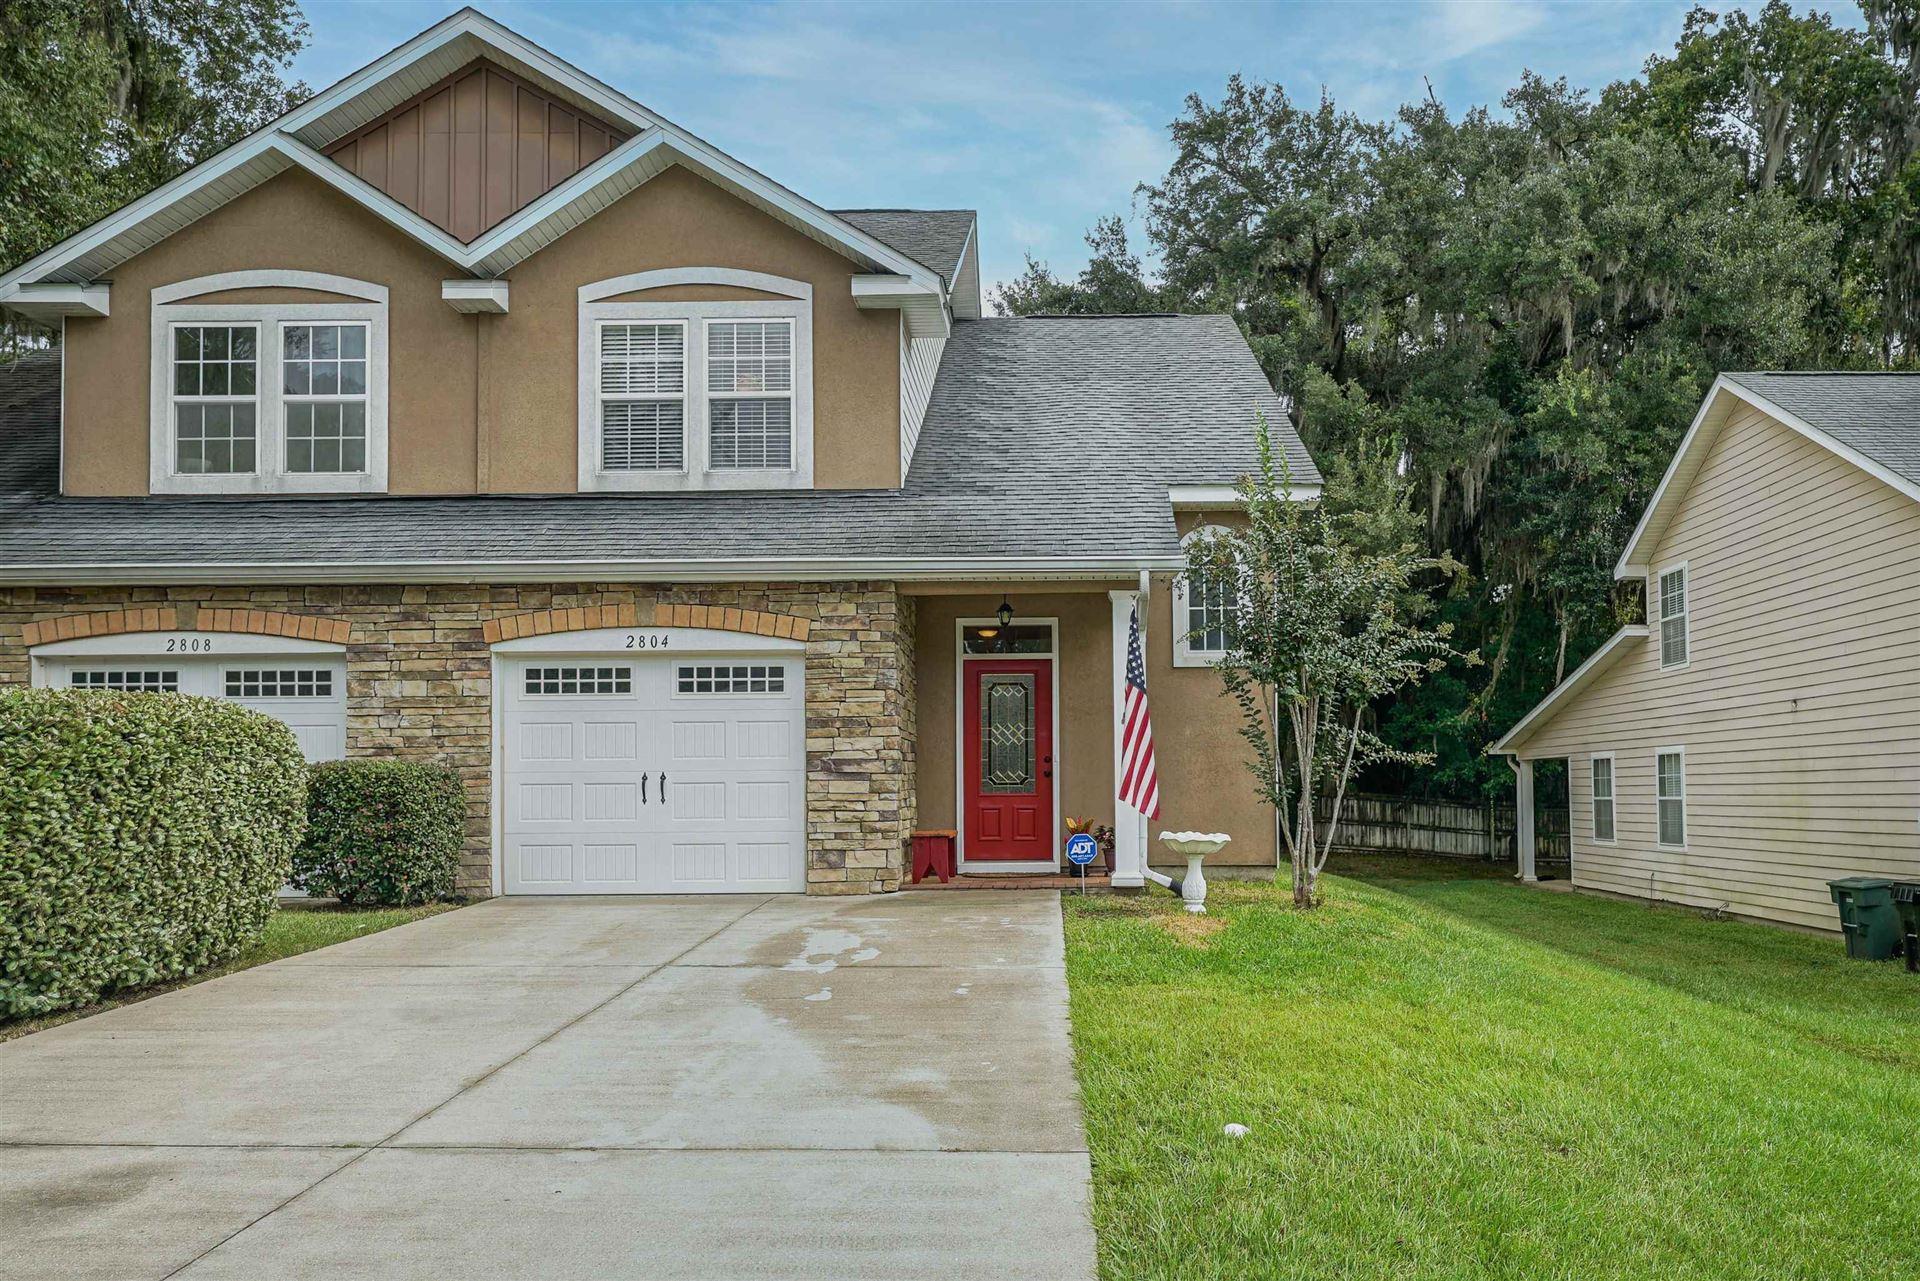 2804 Summer Meadow Drive, Tallahassee, FL 32303 - MLS#: 338174